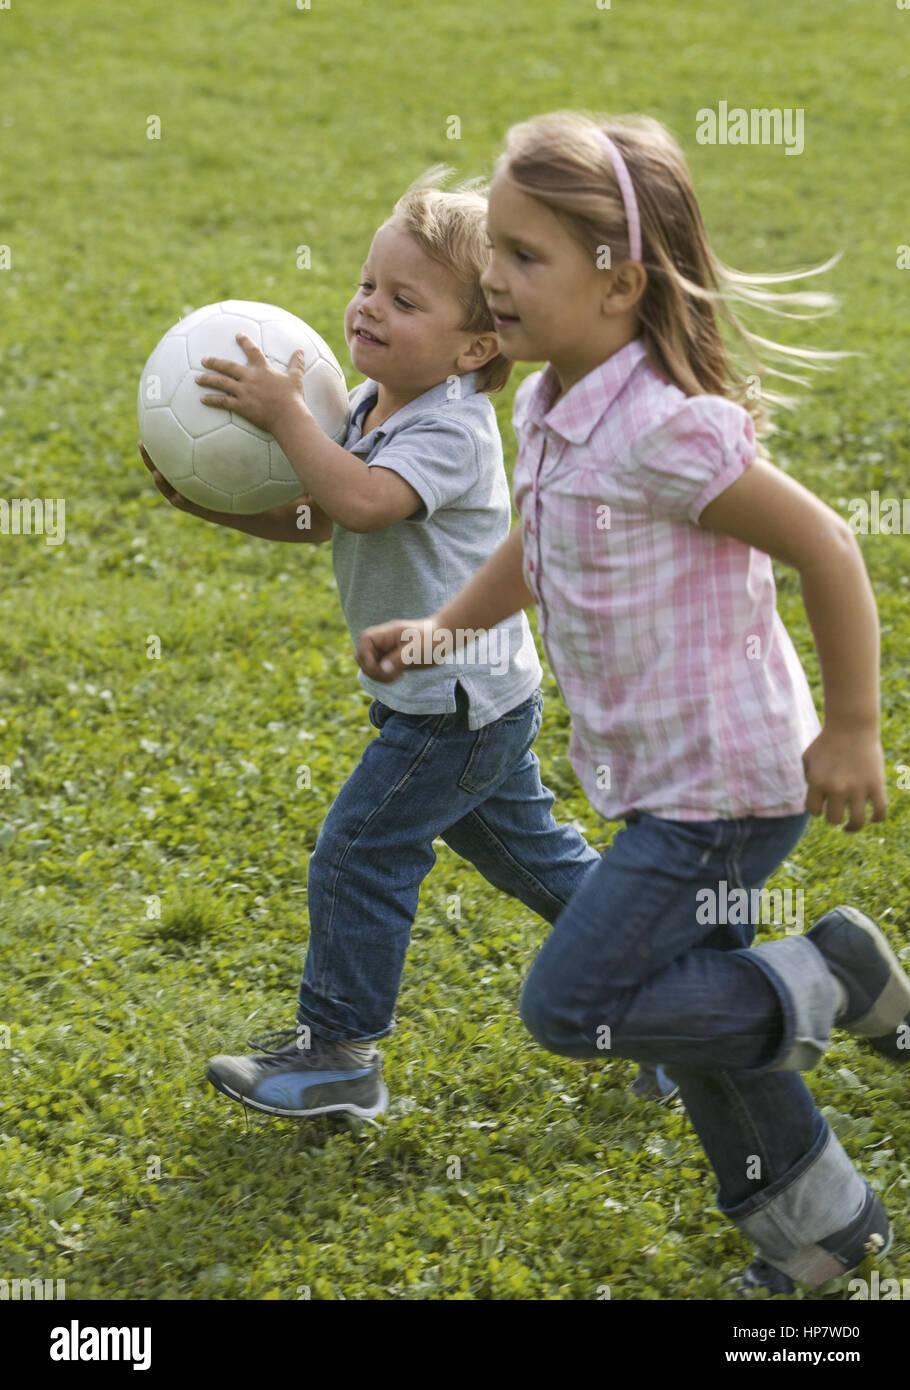 Kleiner Junge und Maedchen rennen mit Fussball ueber Wiese (model-released) - Stock Image